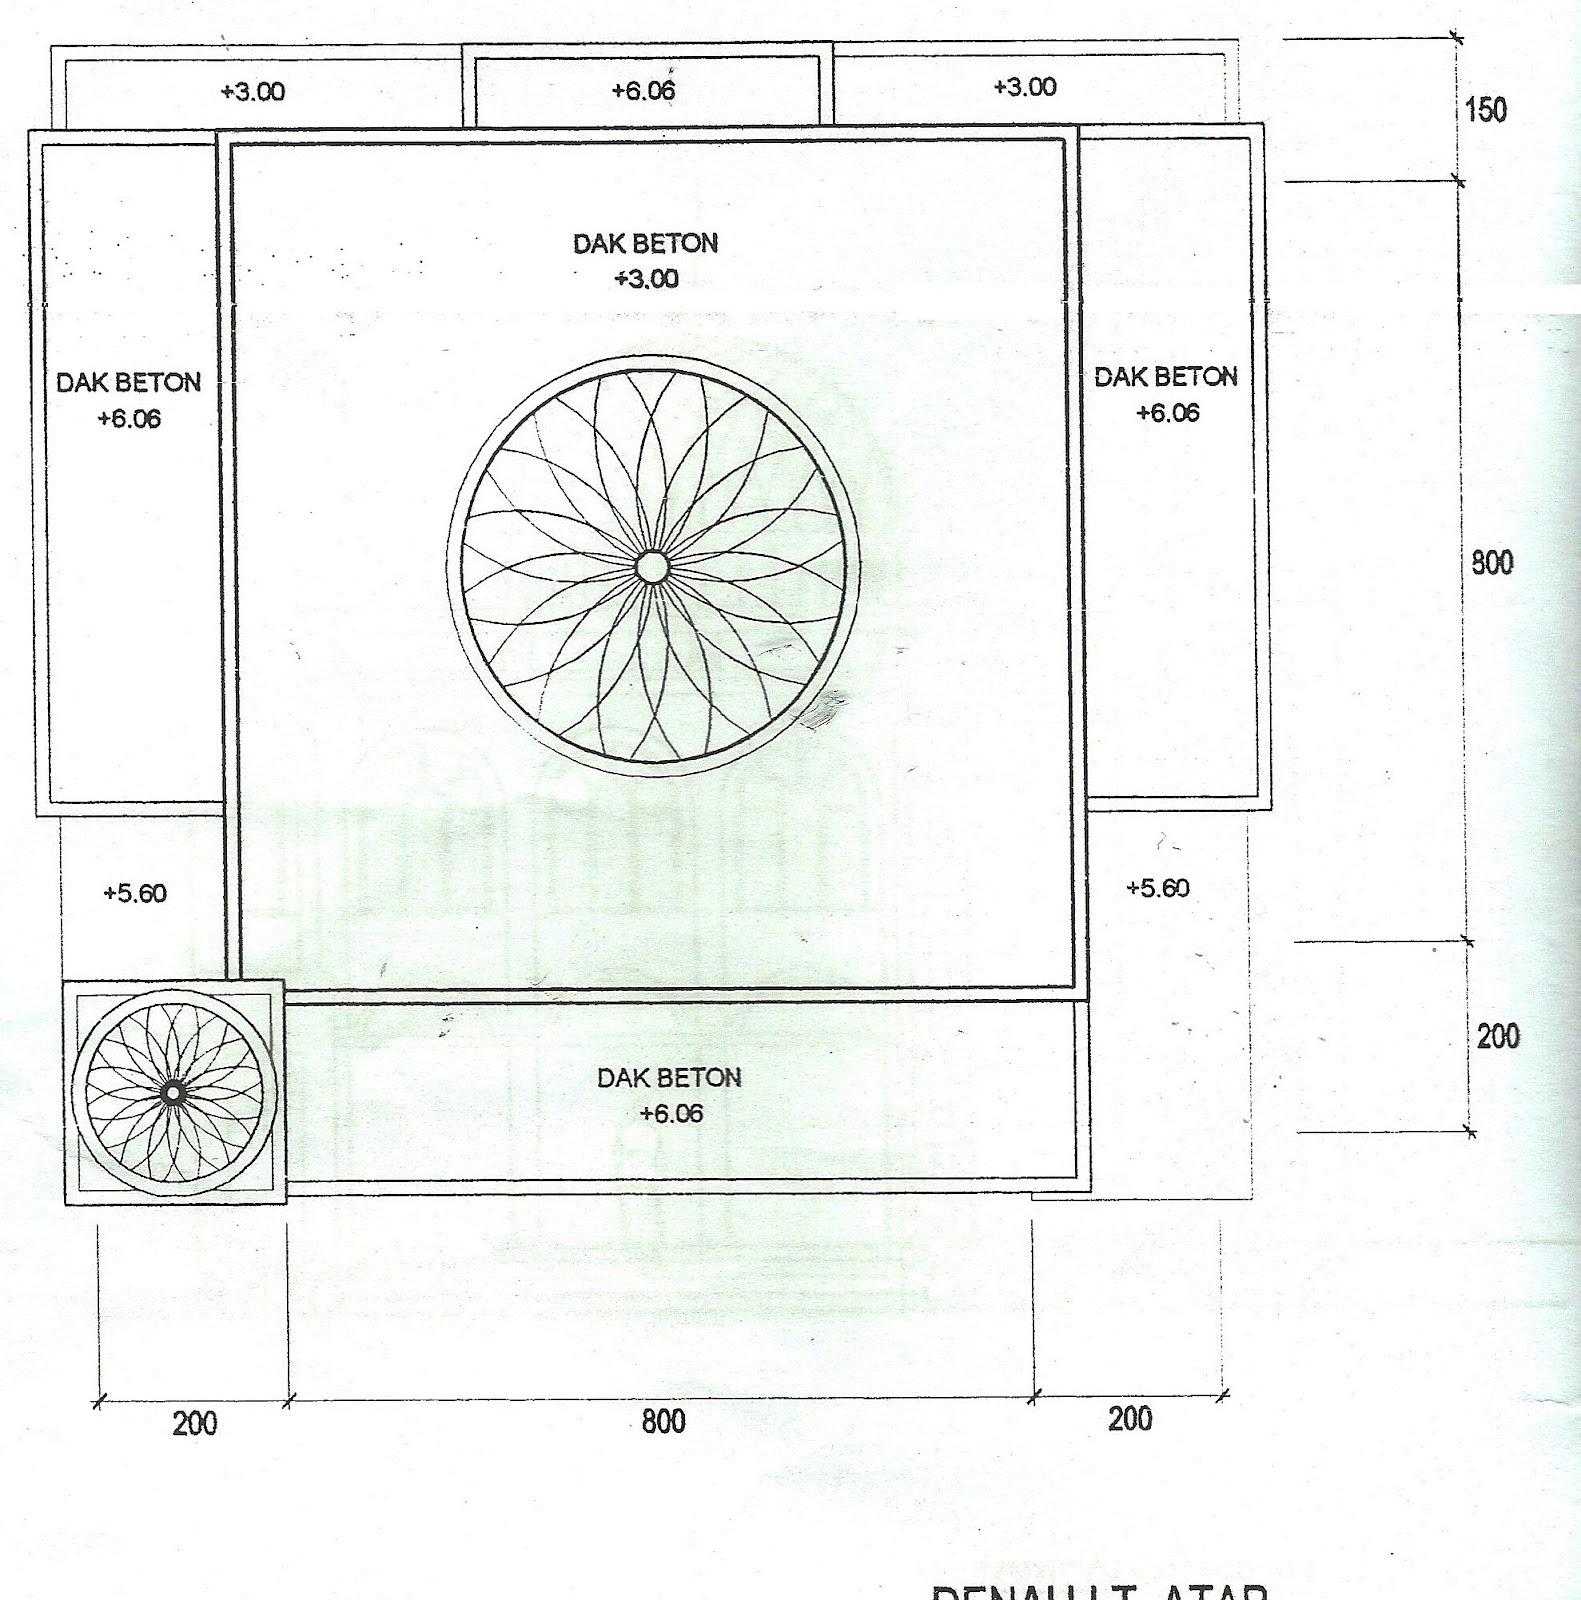 denah rencana bangunan mushola blog masjid at taqwa